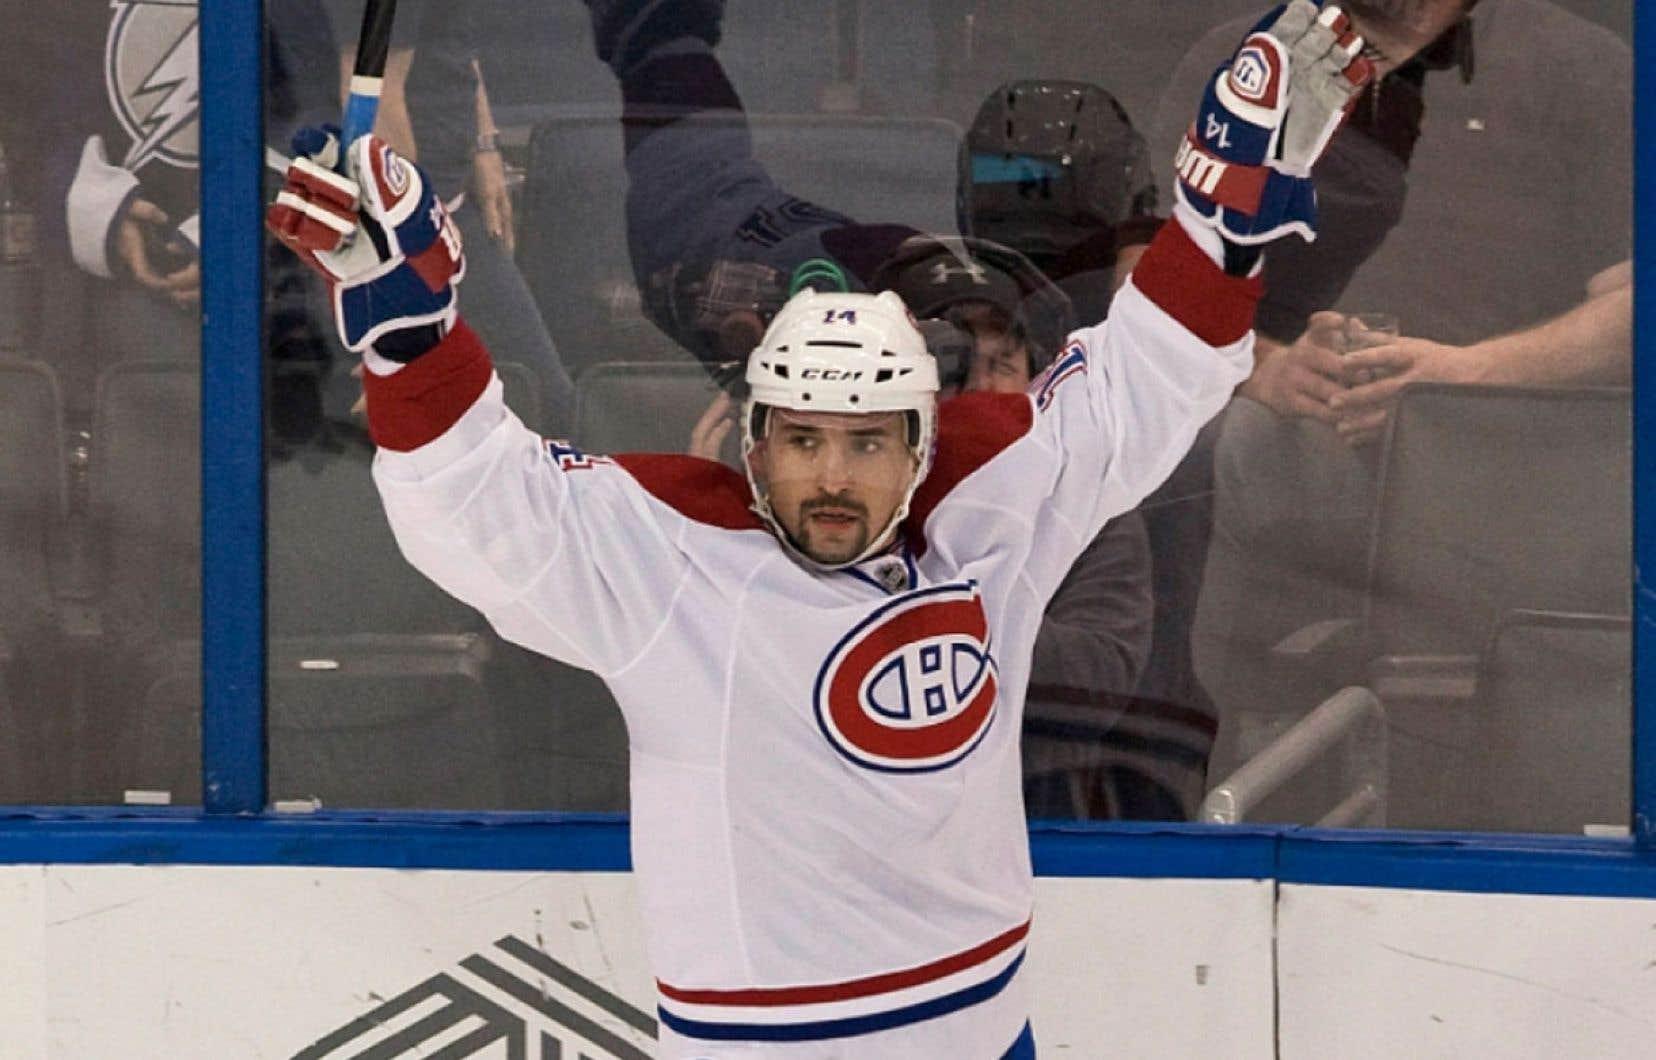 Therrien n'a d'ailleurs pas hésité à lancer des fleurs à ce trio lundi, et il a même déclaré que Plekanec est un candidat sérieux au trophée Frank-Selke remis annuellement par la Ligue nationale de hockey à l'attaquant ayant démontré le plus de compétences défensives.